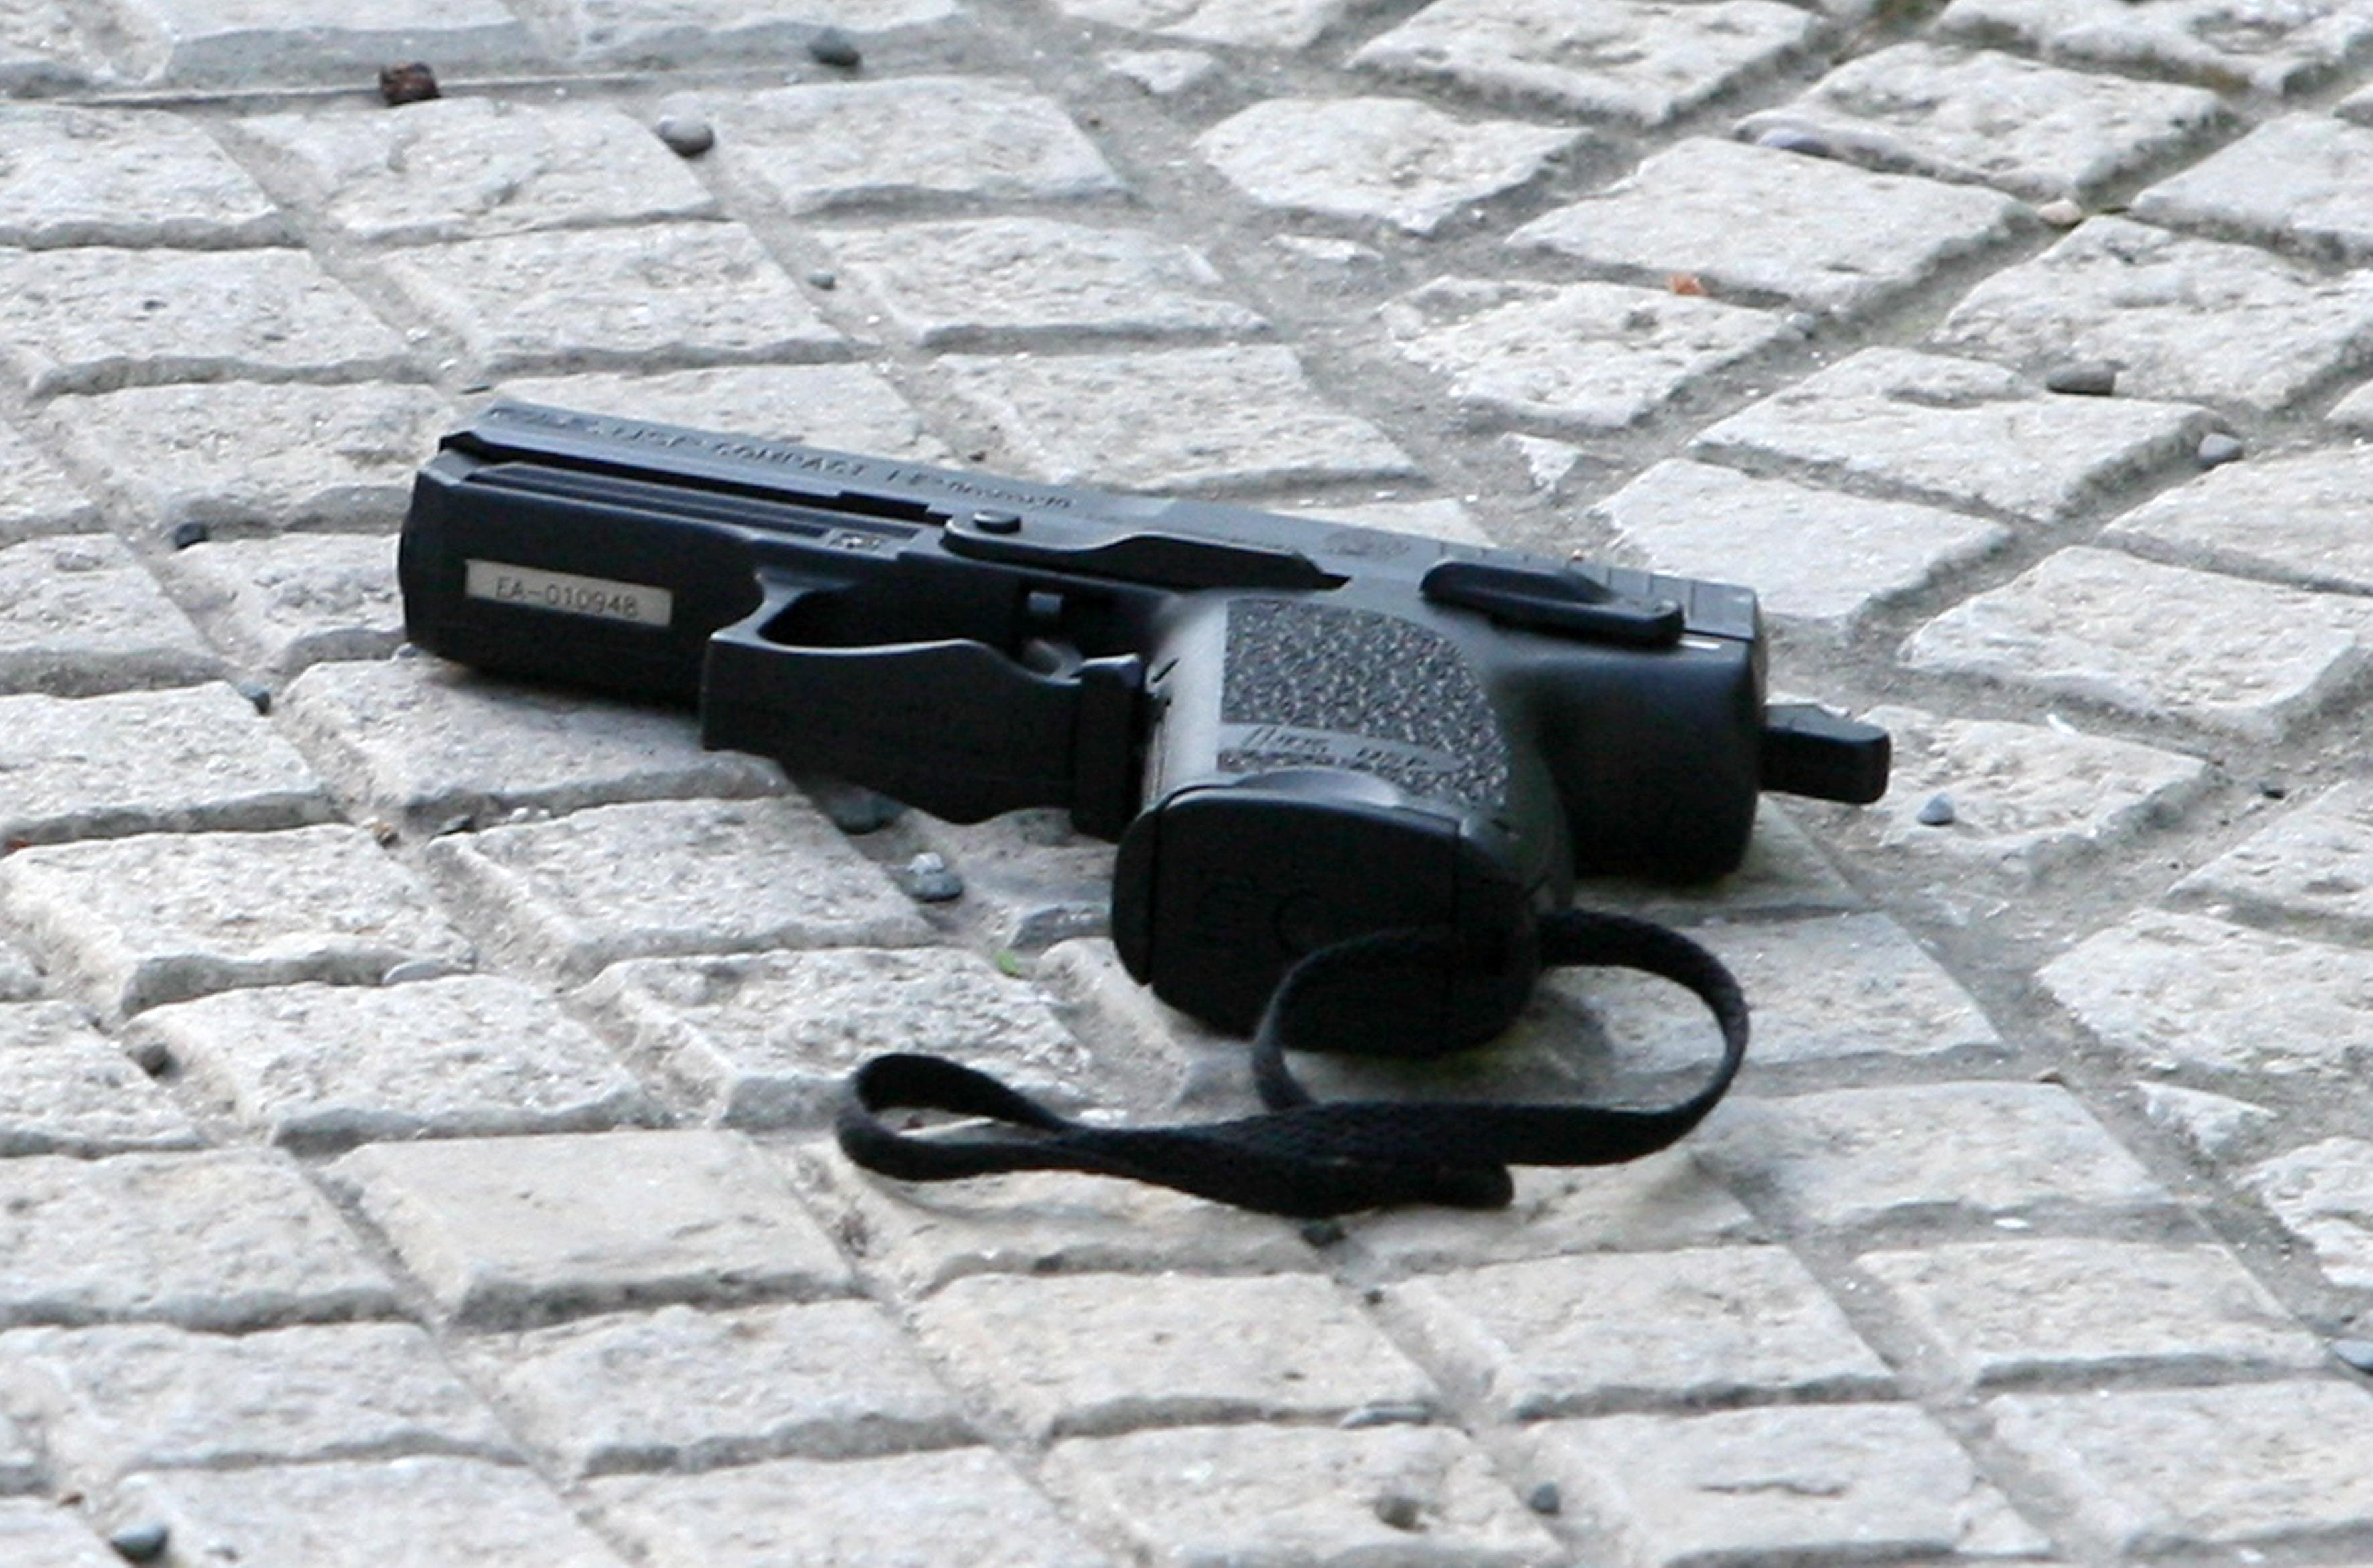 Άμστερνταμ: Δολοφονήθηκε  δικηγόρος που υπερασπιζόταν μάρτυρα-κλειδί σε μεγάλη υπόθεση ναρκωτικών